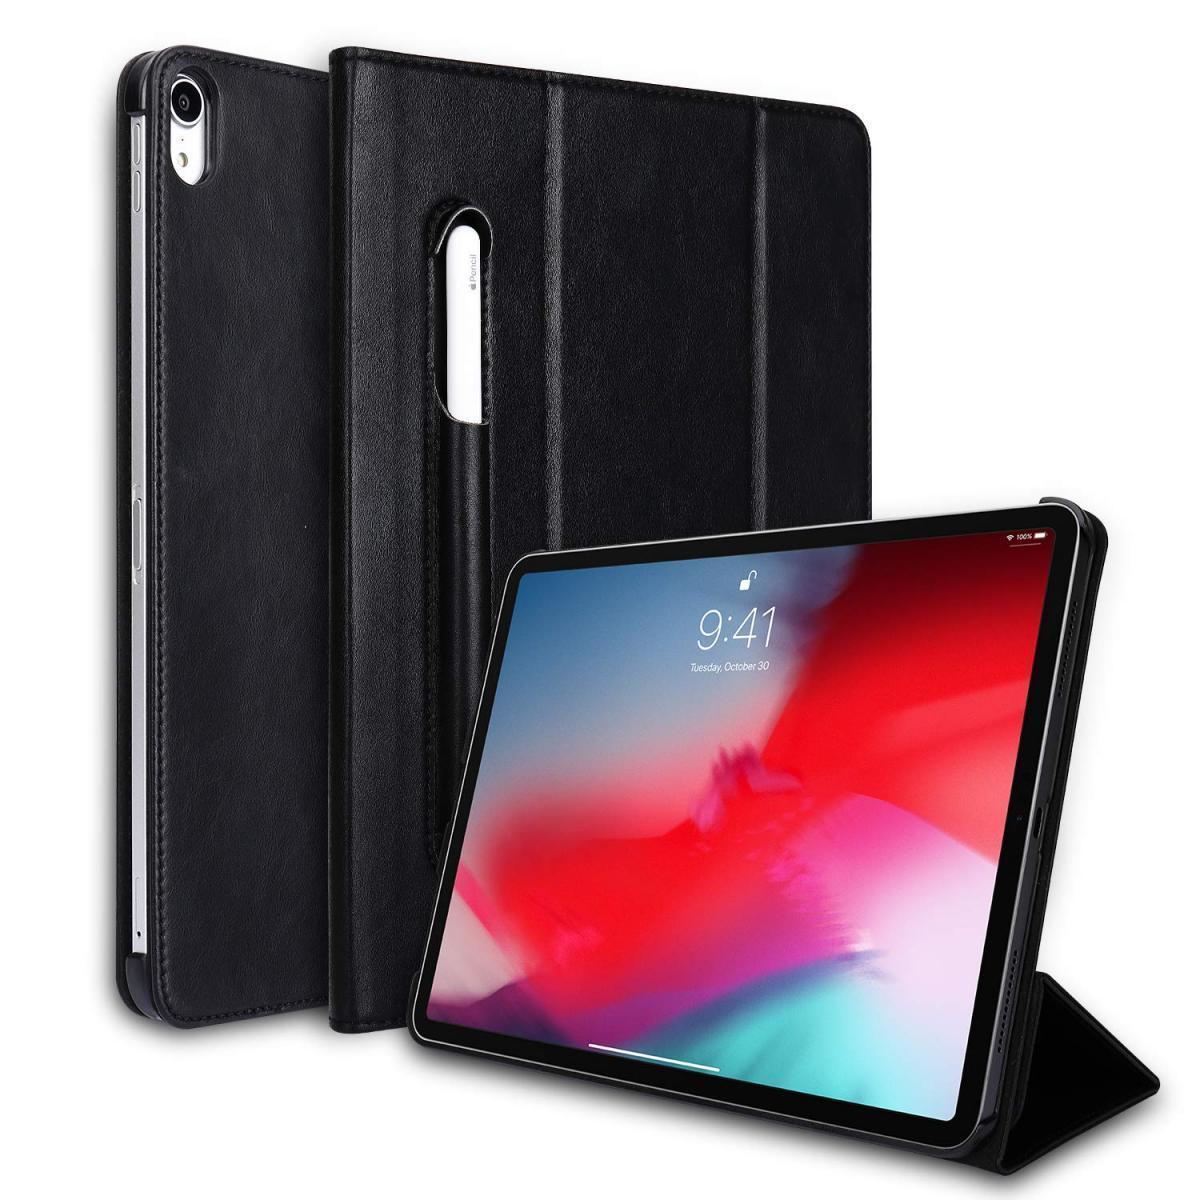 Купить Чехол-книжка Jisoncase для Apple iPad Pro 11 (2018) (искусственная кожа с подставкой/держатель для Apple Pencil) (черный)